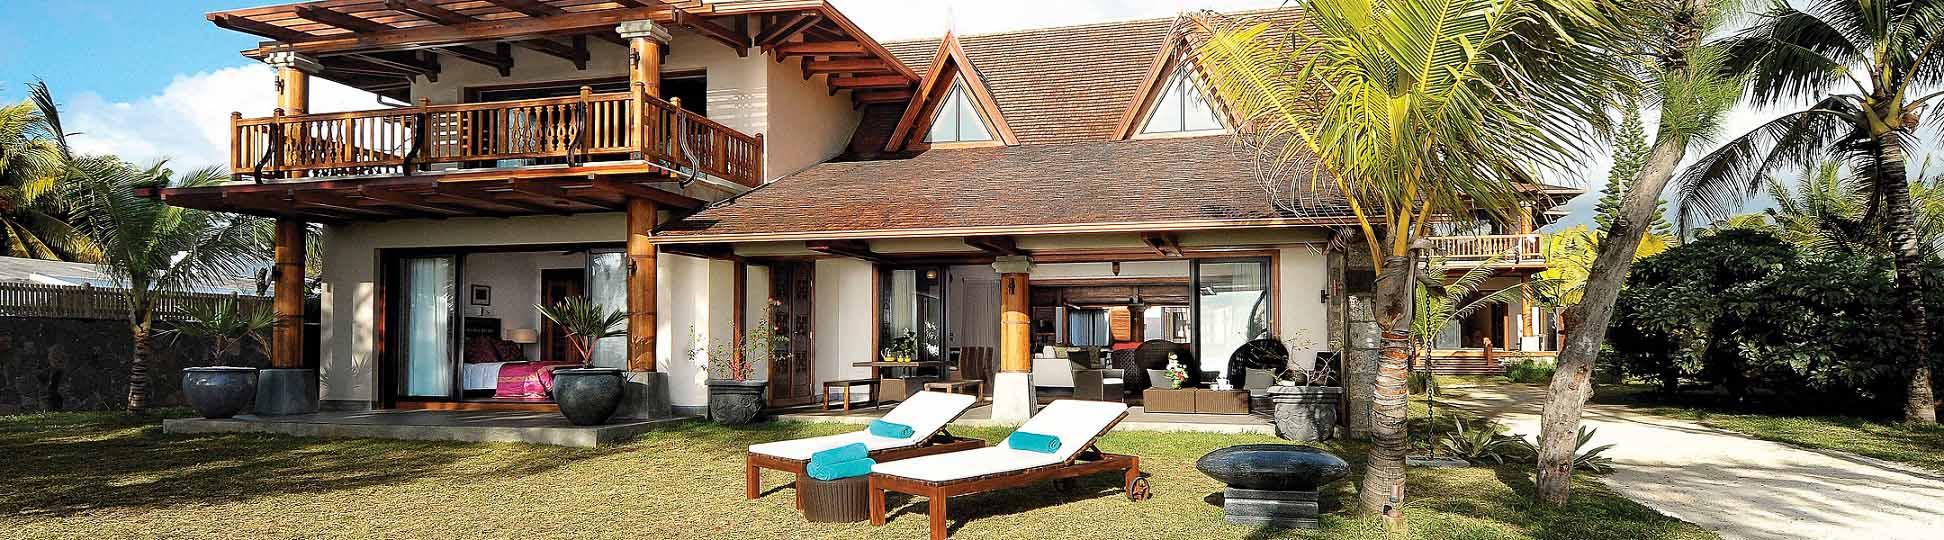 villa-de-luxe-ile-maurice-location-villa-ile-maurice-villa-rental-mauritius-villa-tiara-villa-1